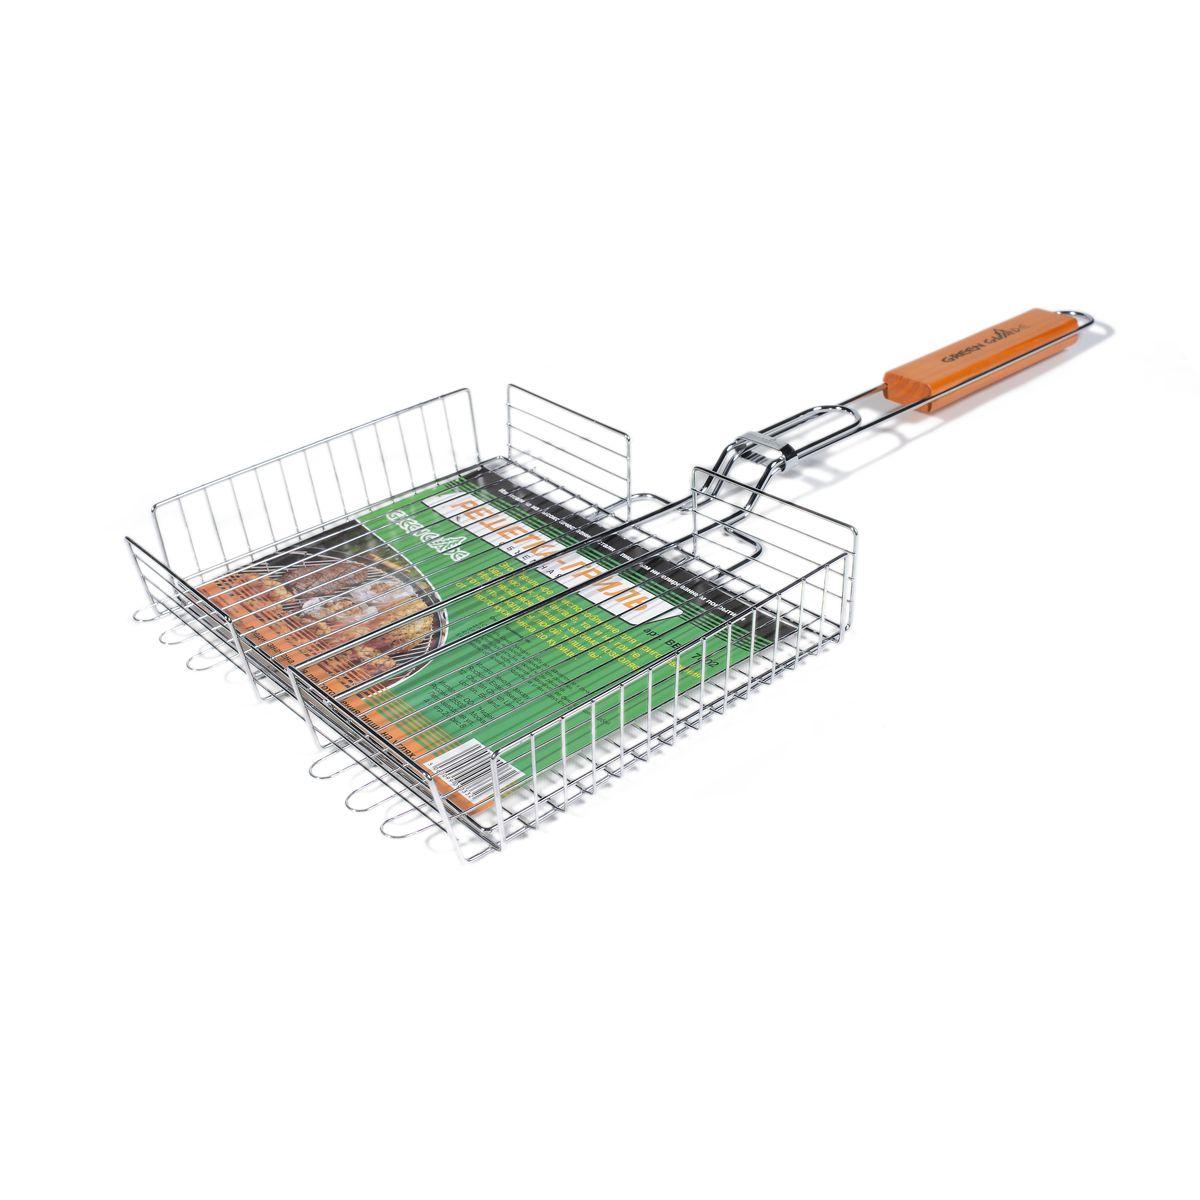 Решетка-гриль Green Glade, объемная, 28 х 22 см7004Двойная объемная решетка-гриль Green Glade изготовлена из высококачественной нержавеющей стали с пищевым никелированным покрытием. Это идеальное приспособление для приготовления барбекю как на мангале, так и на гриле. На решетке удобно размещать стейки, ребрышки, сосиски и т.д. Изменяющаяся толщина зажима позволяет готовить продукты любой толщины: от тонкого куска мяса до курицы. Предназначена для приготовления пищи на углях. Блюда получаются сочными, ароматными, с аппетитной специфической корочкой. Рукоятка изделия оснащена деревянной вставкой и фиксирующей скобой, которая зажимает створки решетки. Размер рабочей поверхности решетки: 28 см х 22 см. Общая длина решетки (с ручкой): 52 см. Высота стенки решетки: 5 см.